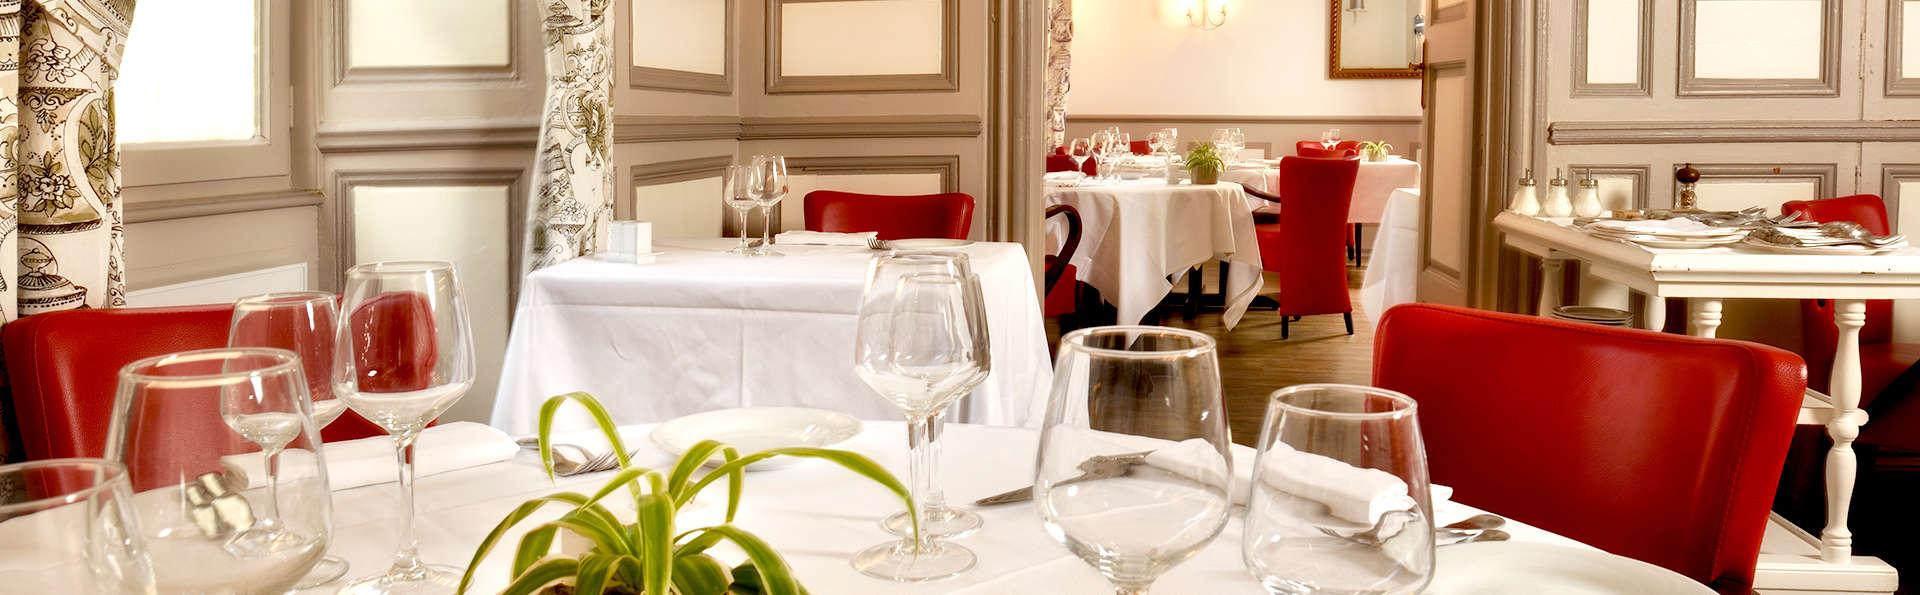 Cuisine du terroir dans la Drôme Provençale